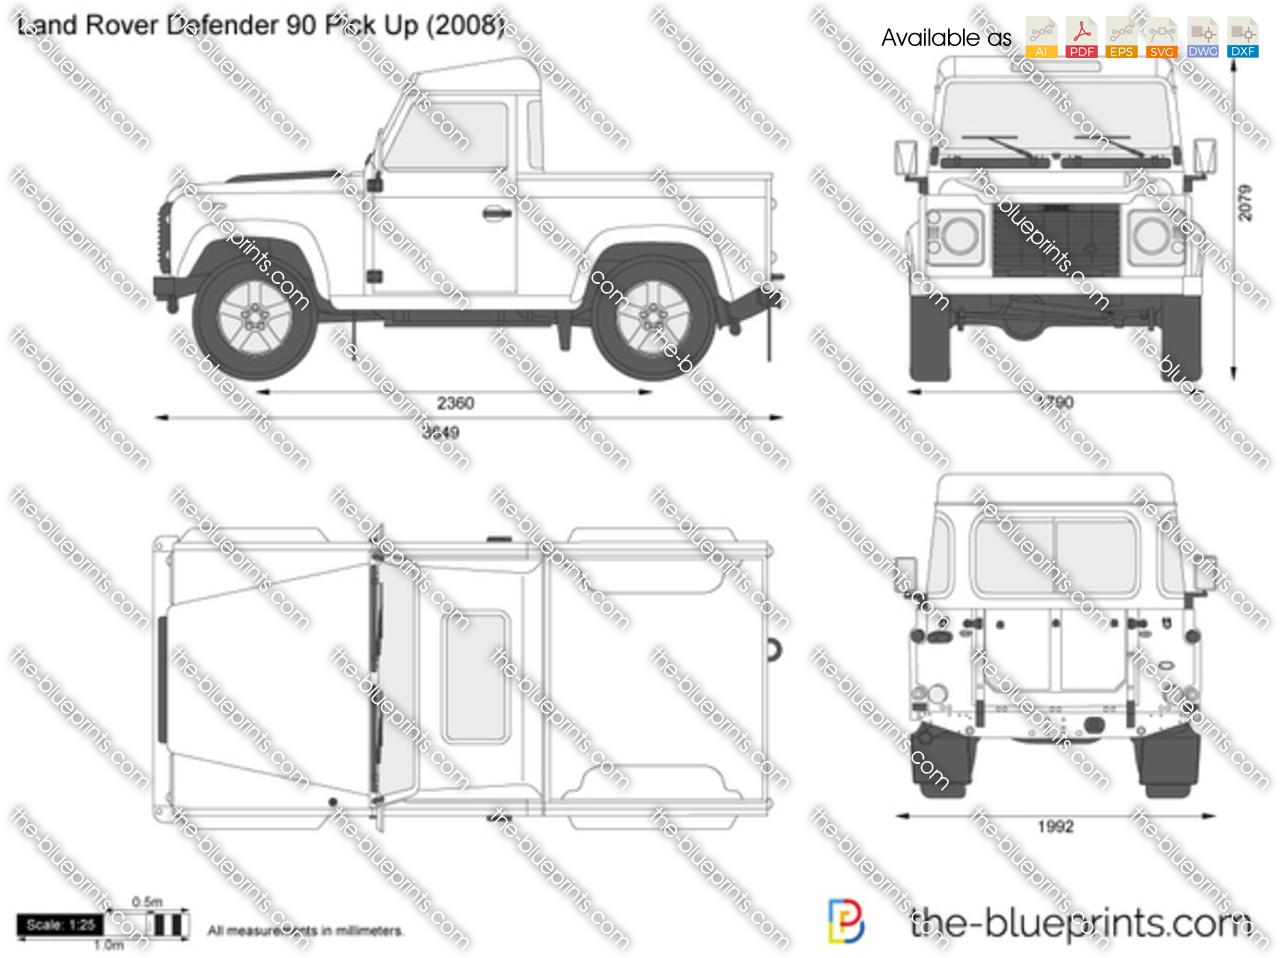 Land Rover Defender 90 Pick Up 2015